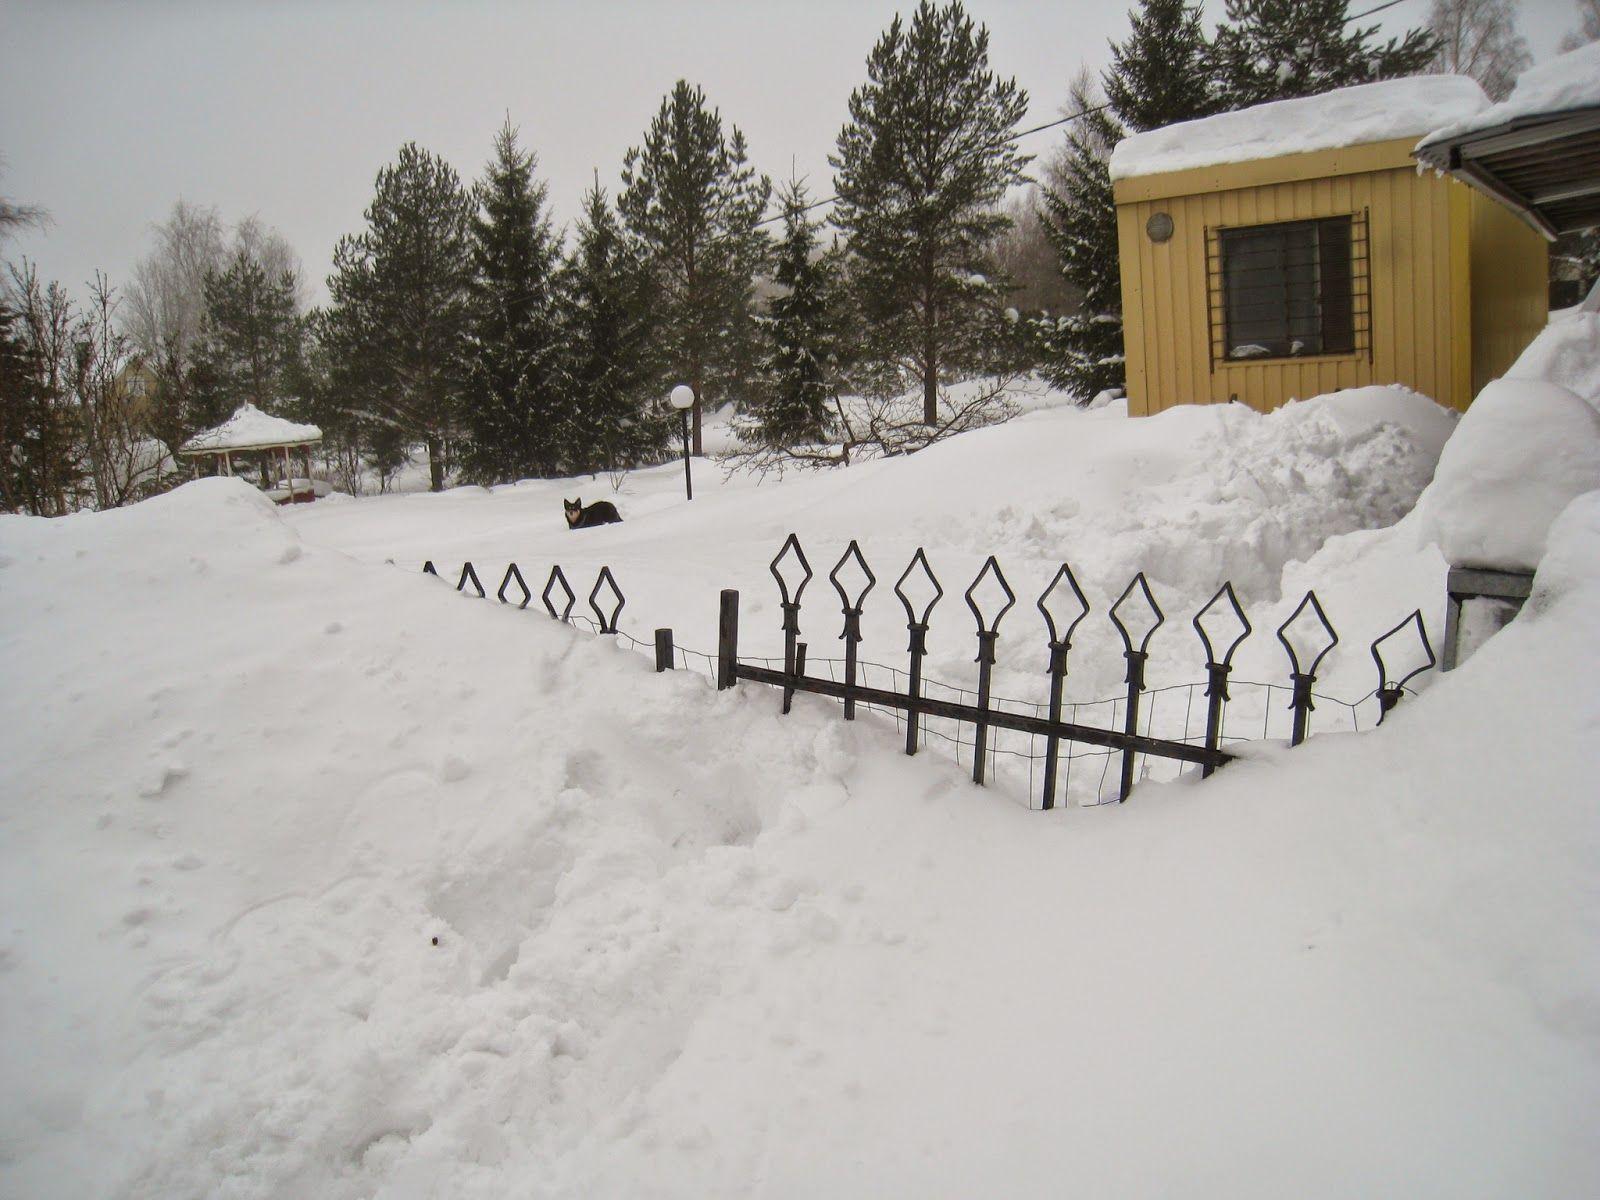 Rautaportin korjaus ja portinpylväiden suoristus - Fixing the iron gate and straightening the posts